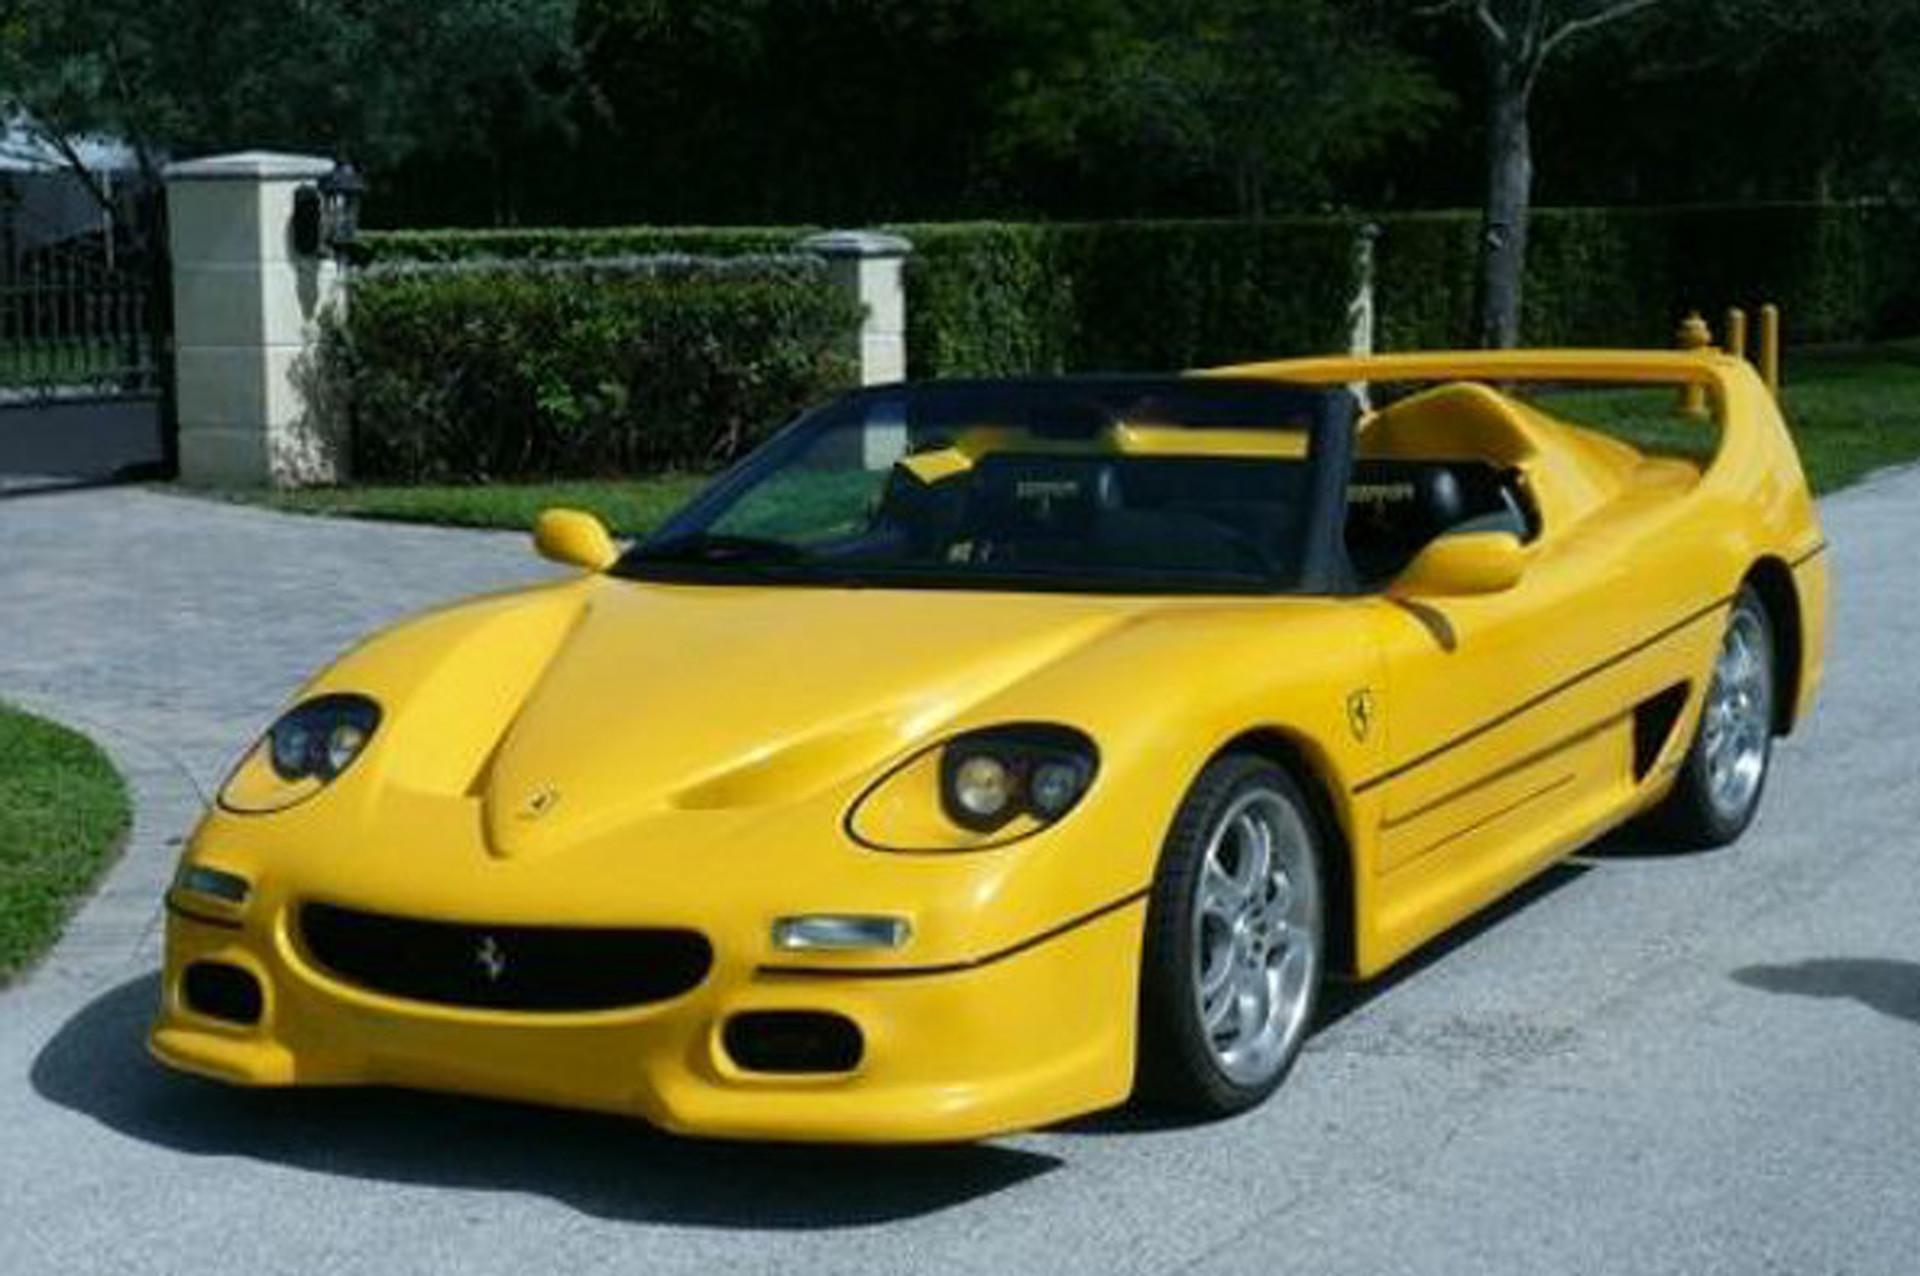 Fiero-Based Ferrari F50 Kit Car is an Automotive Atrocity